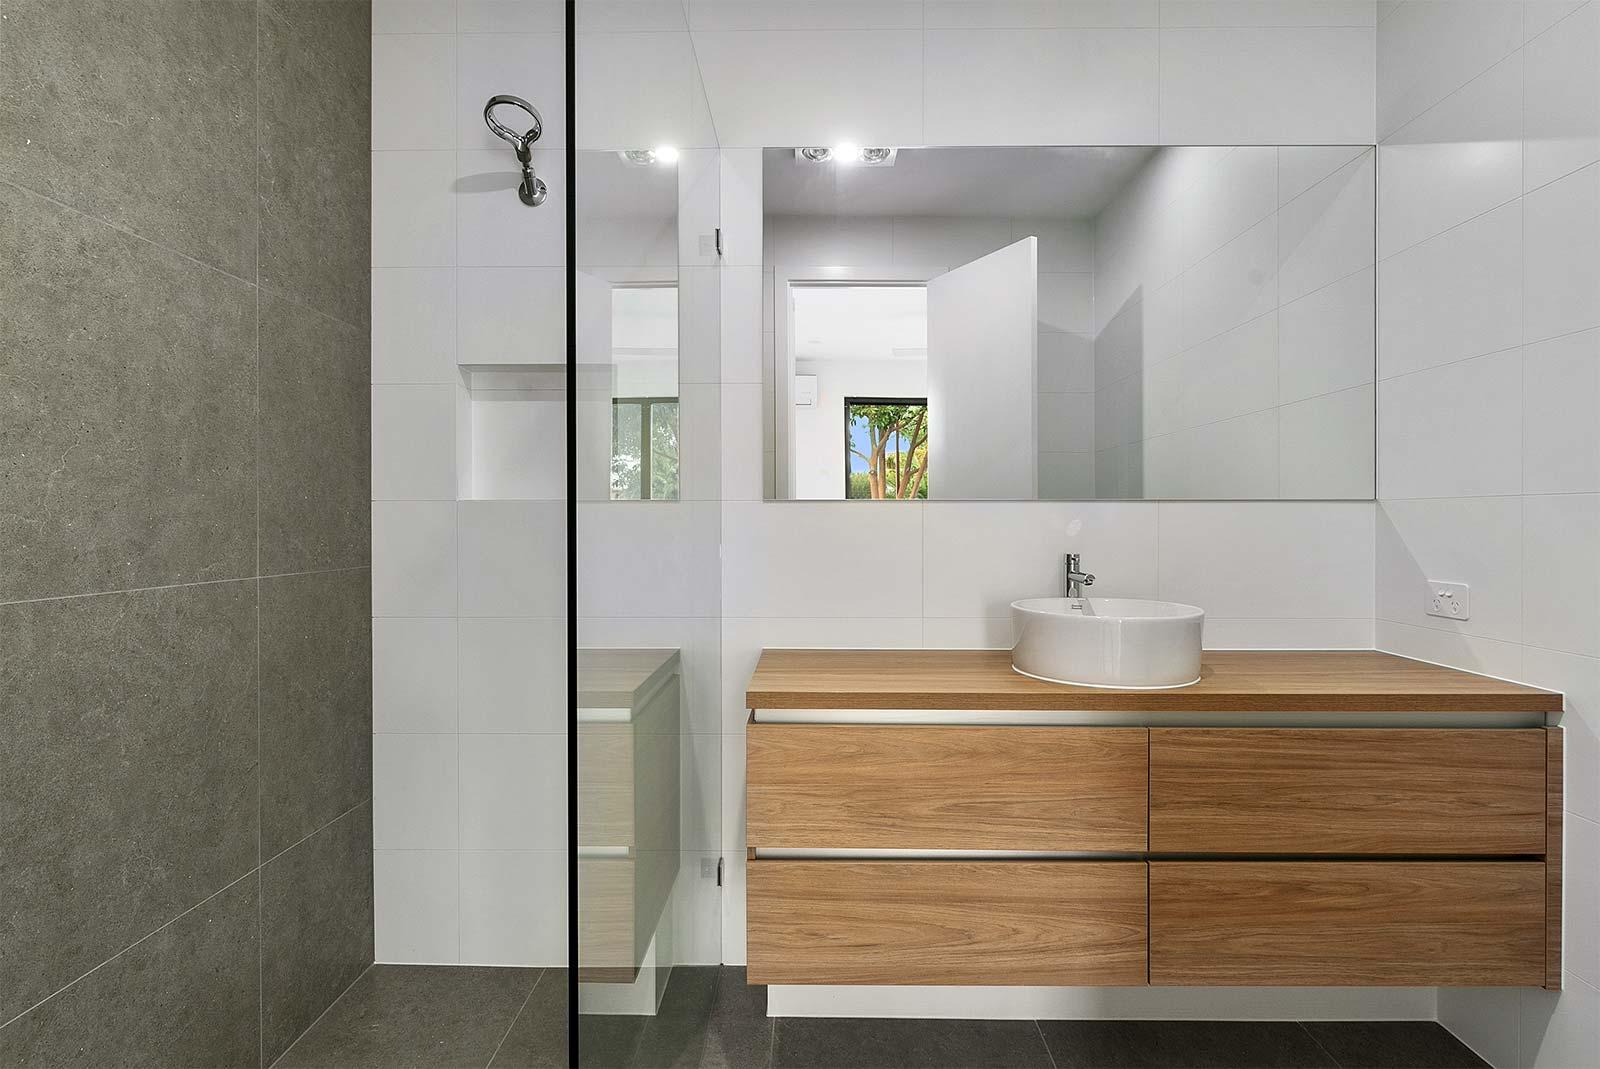 Azcon Homes Double Storey Custom Built Home Plymtpn Park A 009